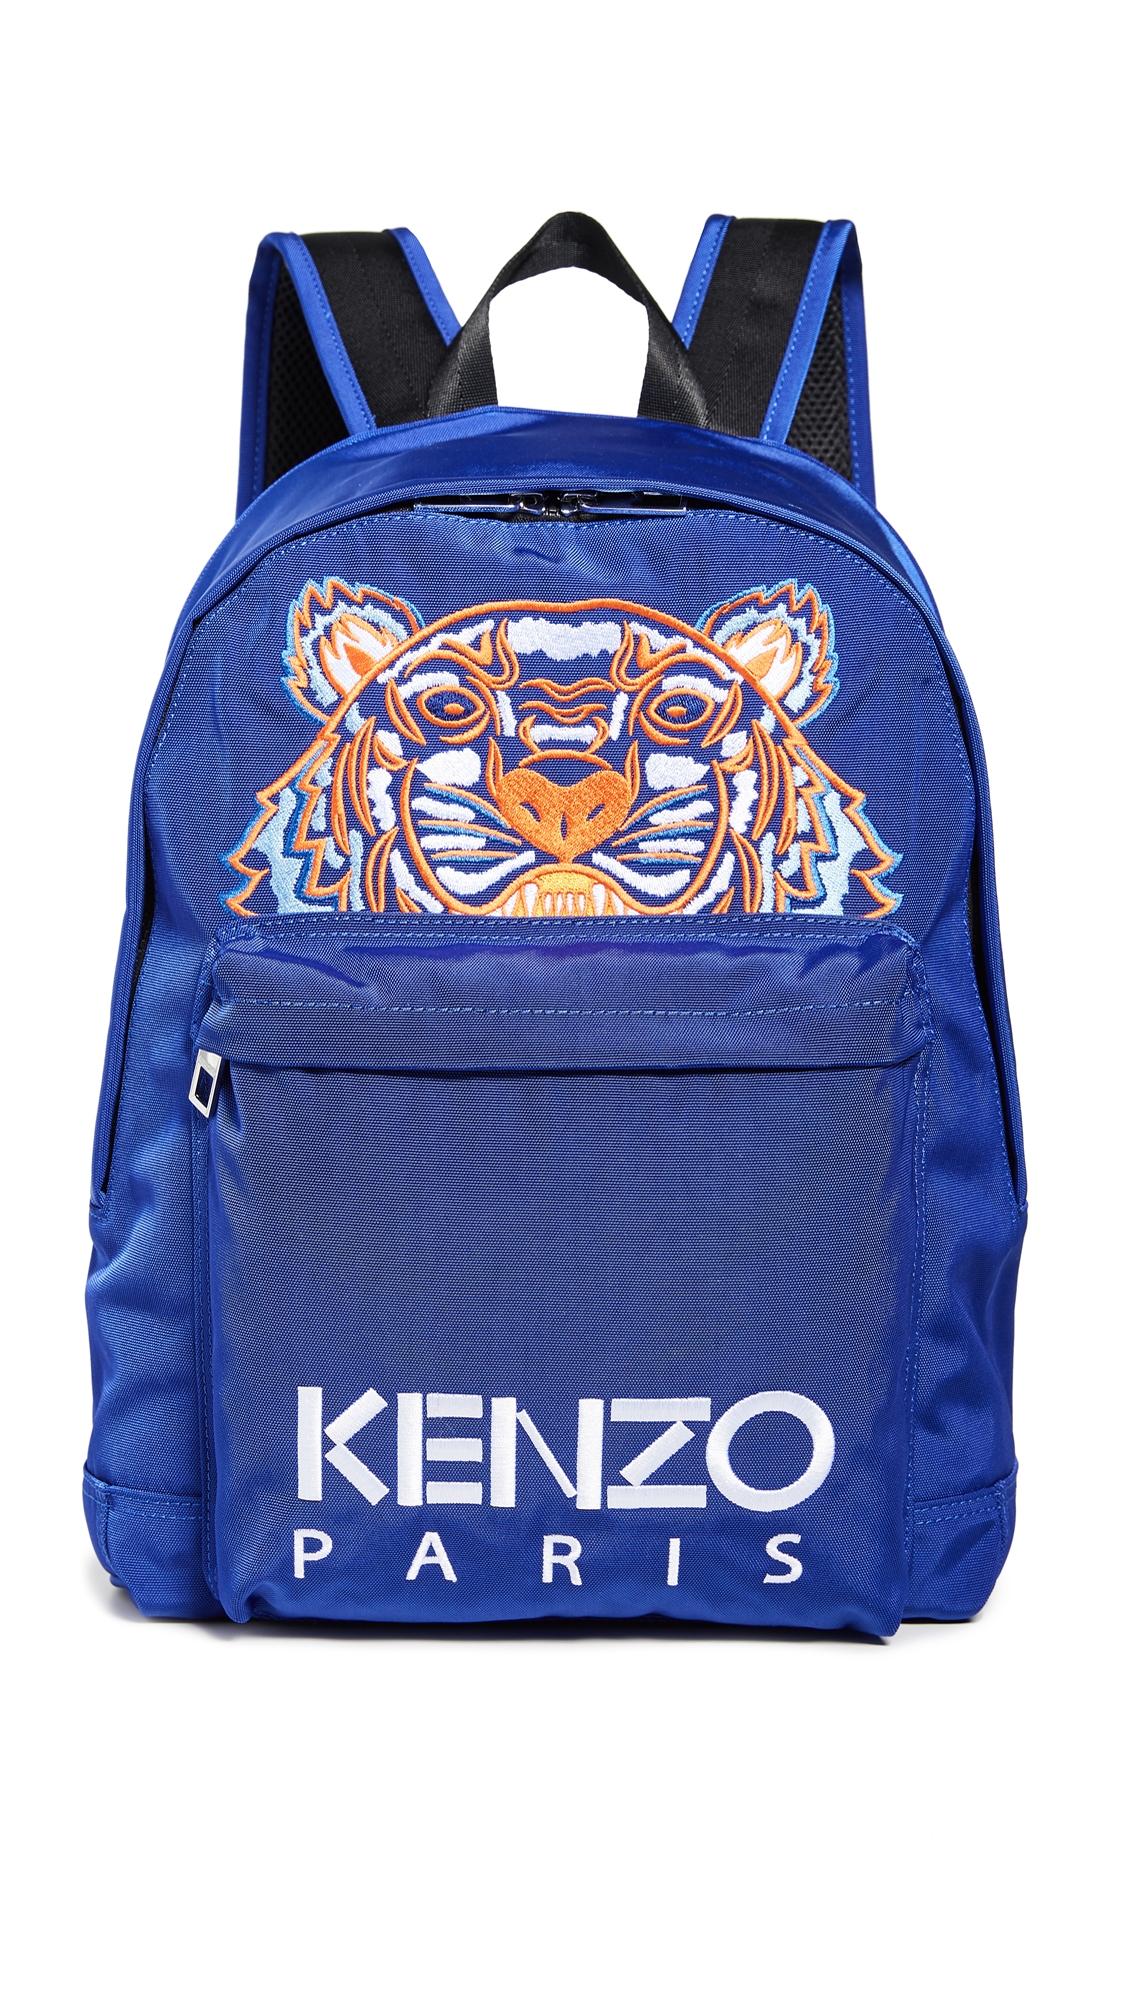 KENZO Kanvas Tiger Rucksack